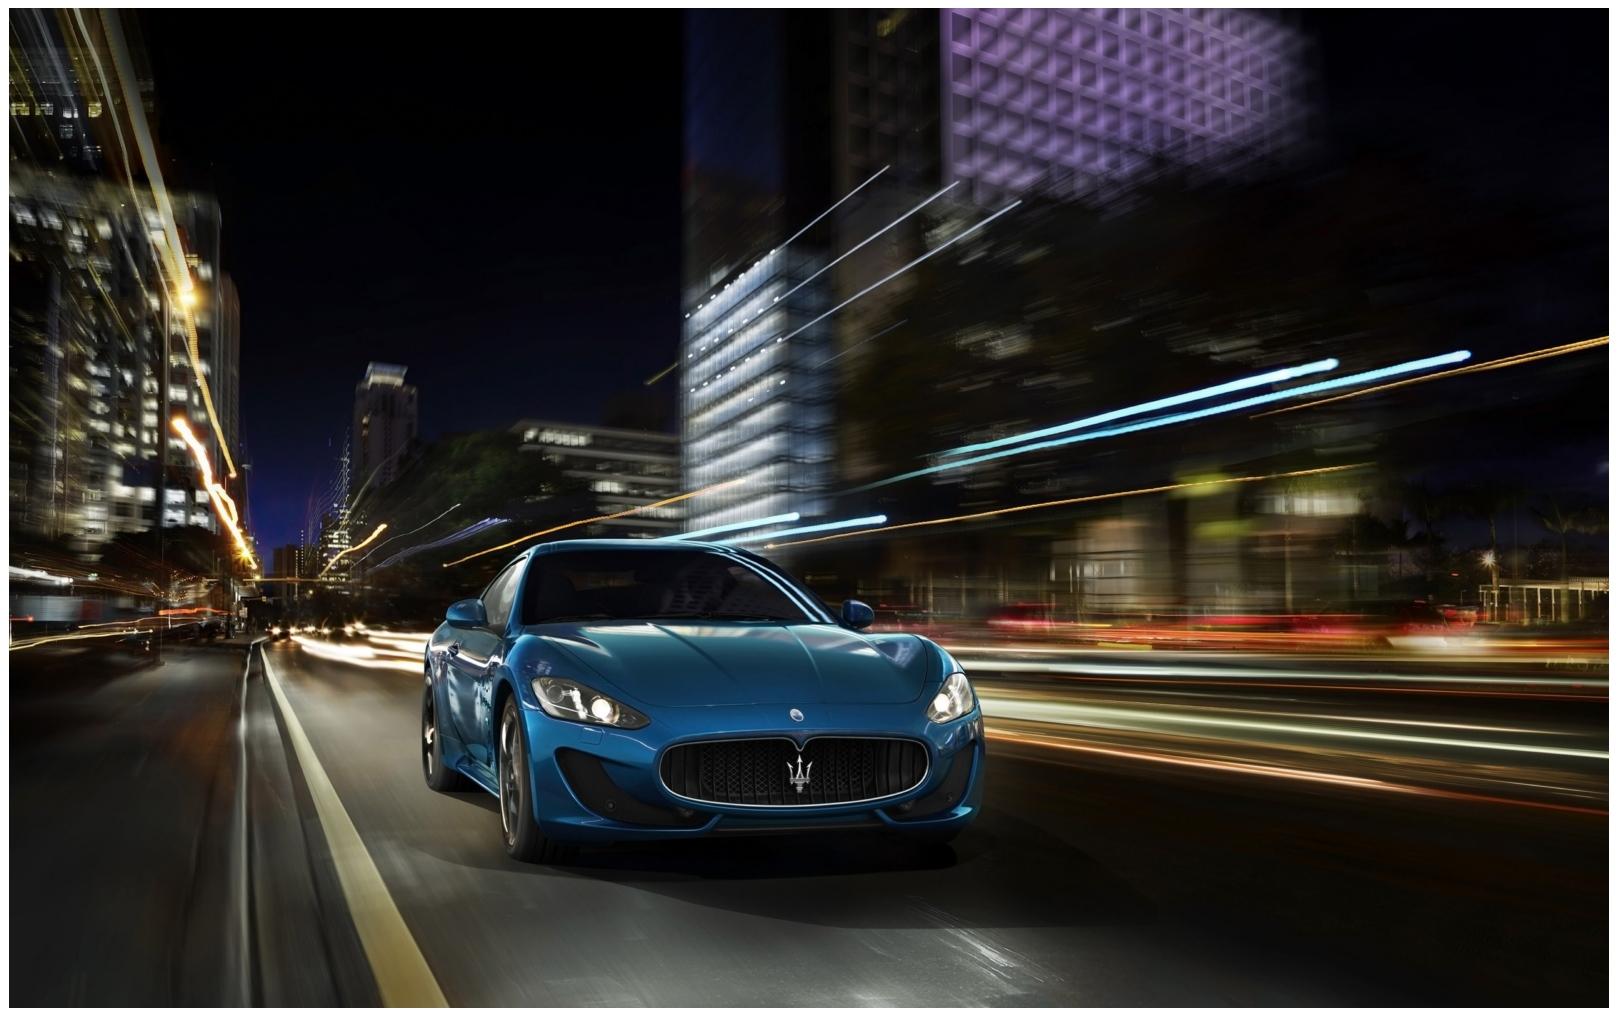 New Maserati Granturismo Hd Wallpaper free